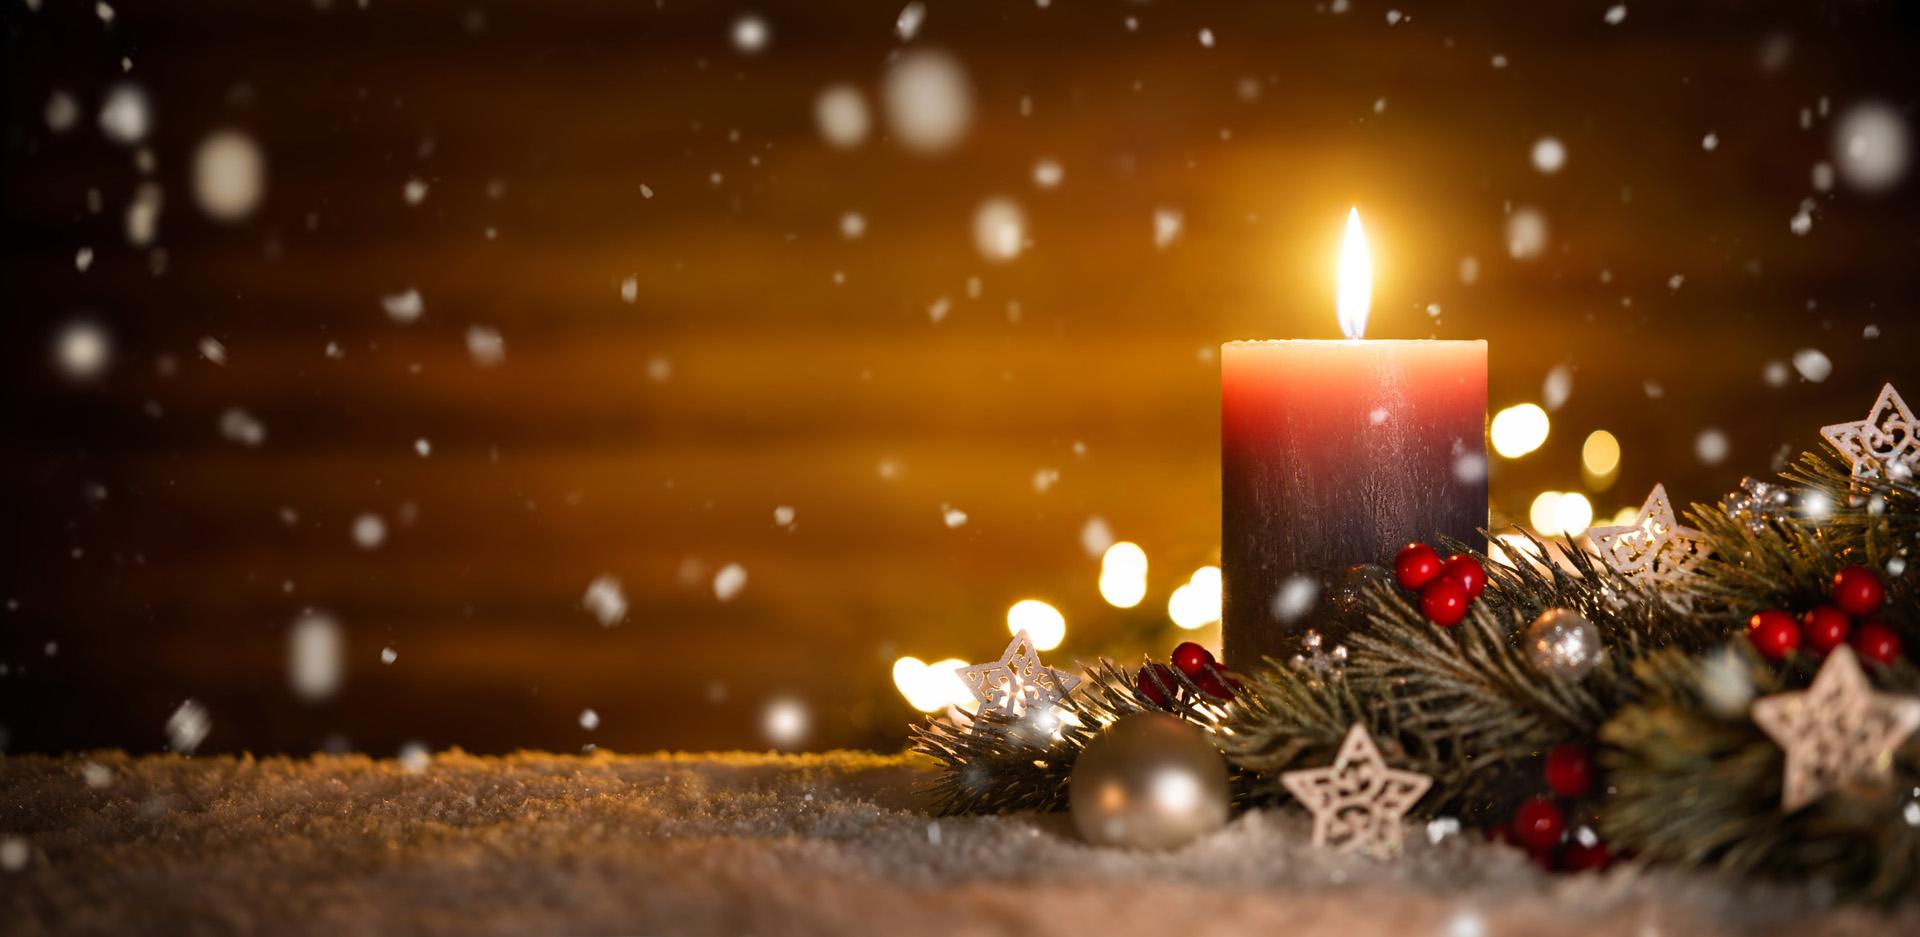 Weihnachten-Advent_Fotolia_176985121_L_1920x937